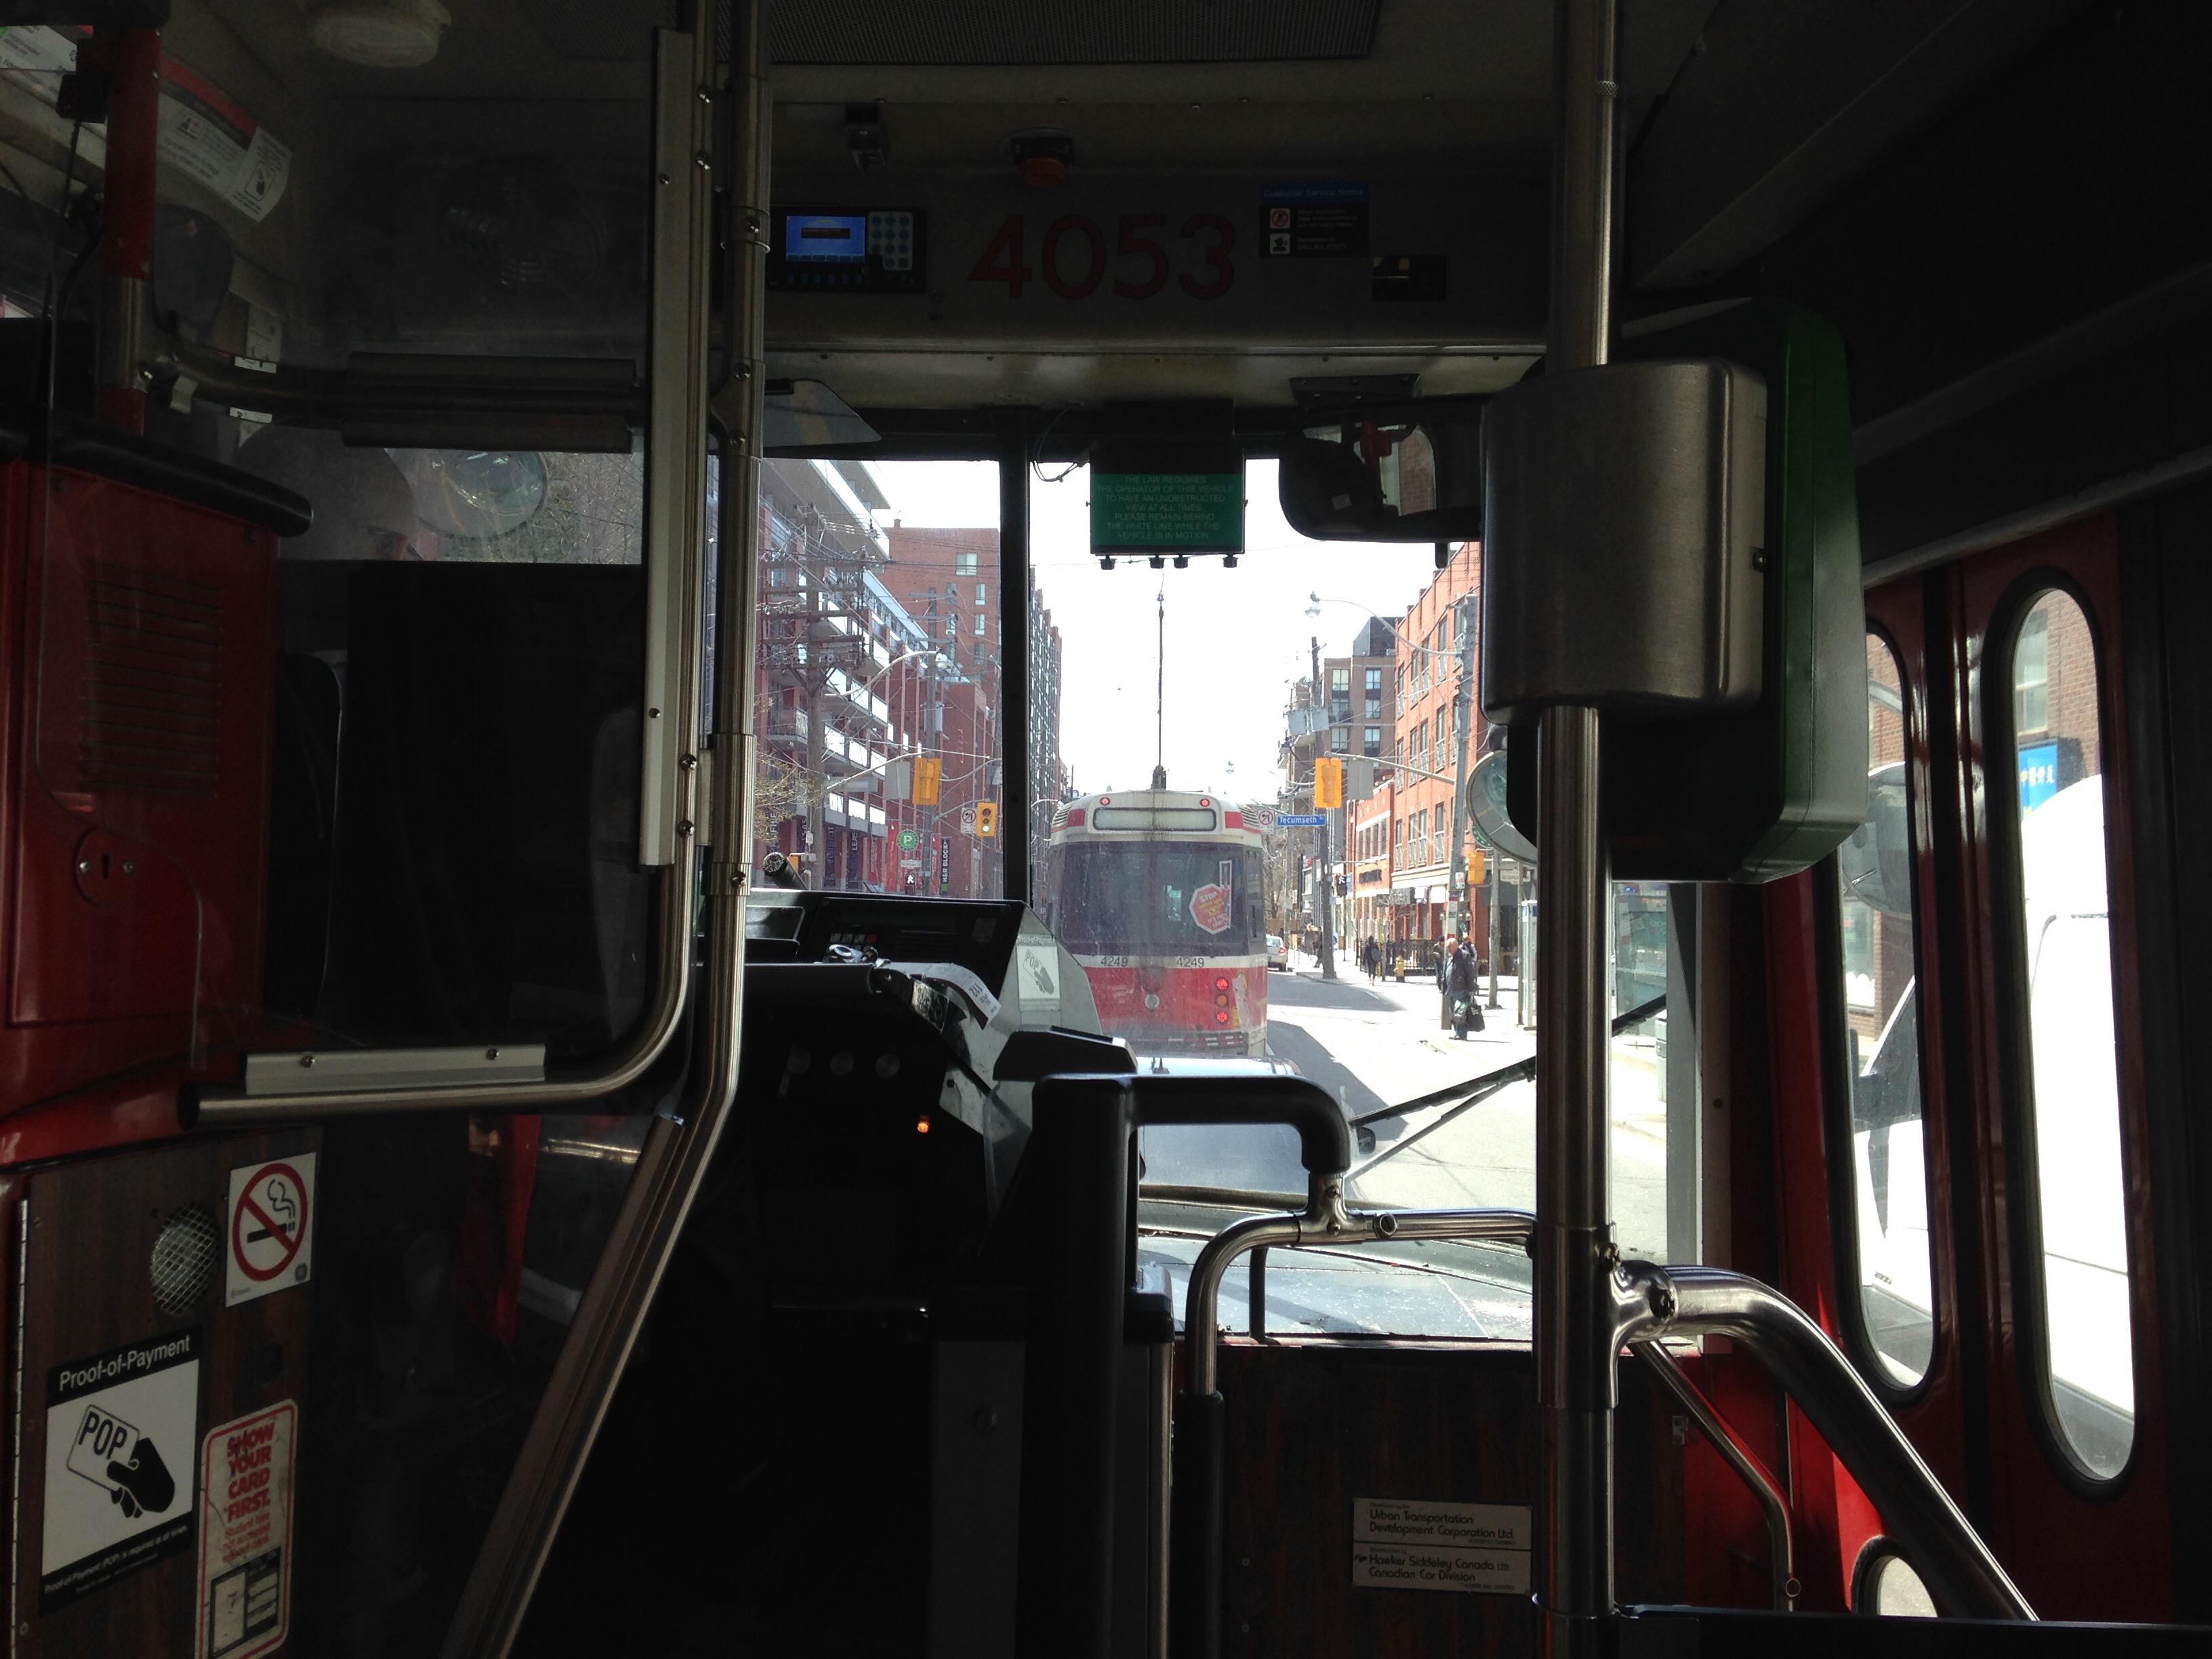 On a TTC Streetcar